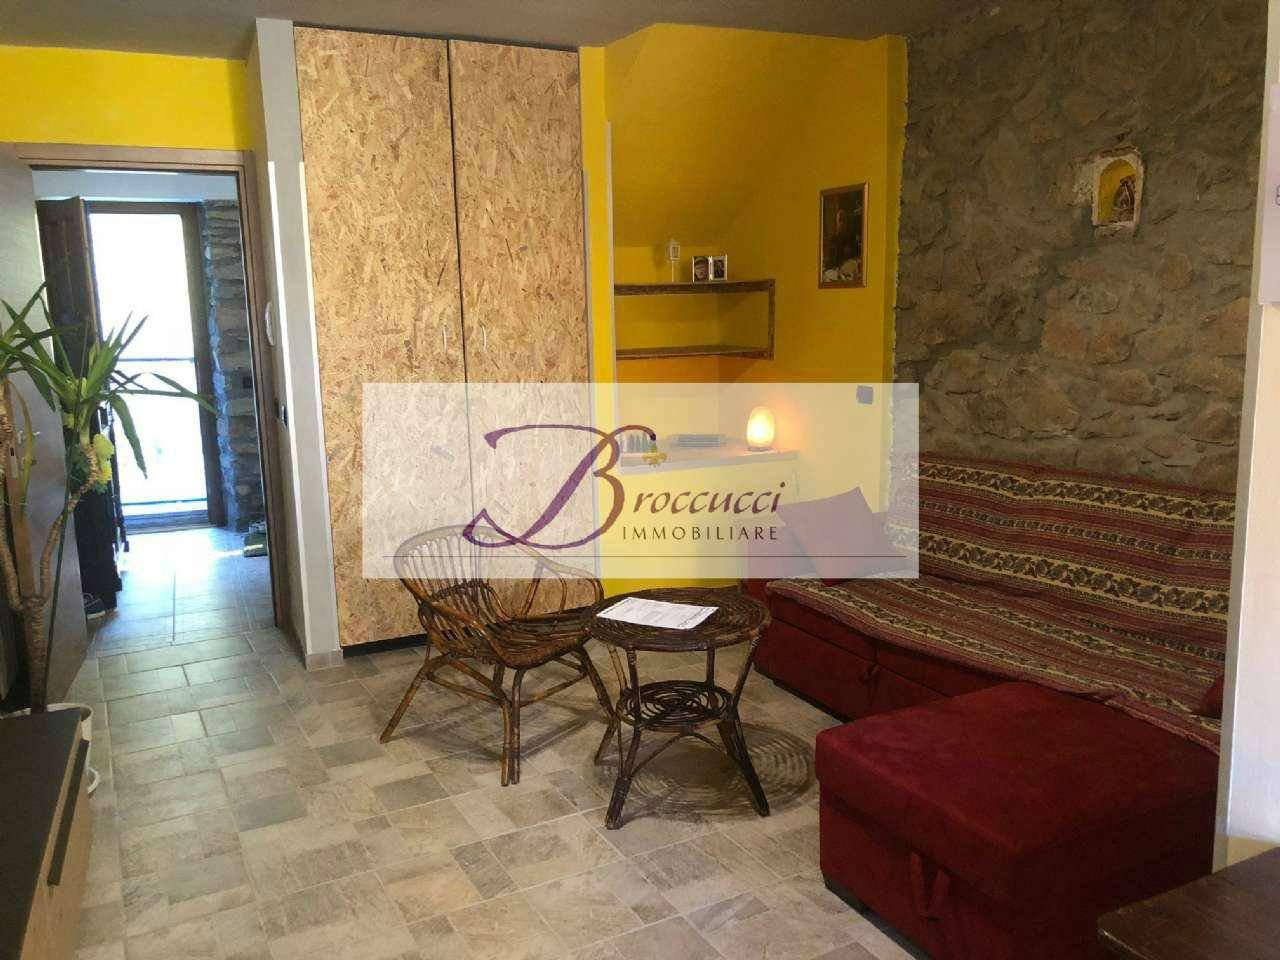 Appartamento in affitto a Cuasso al Monte, 1 locali, prezzo € 600 | PortaleAgenzieImmobiliari.it